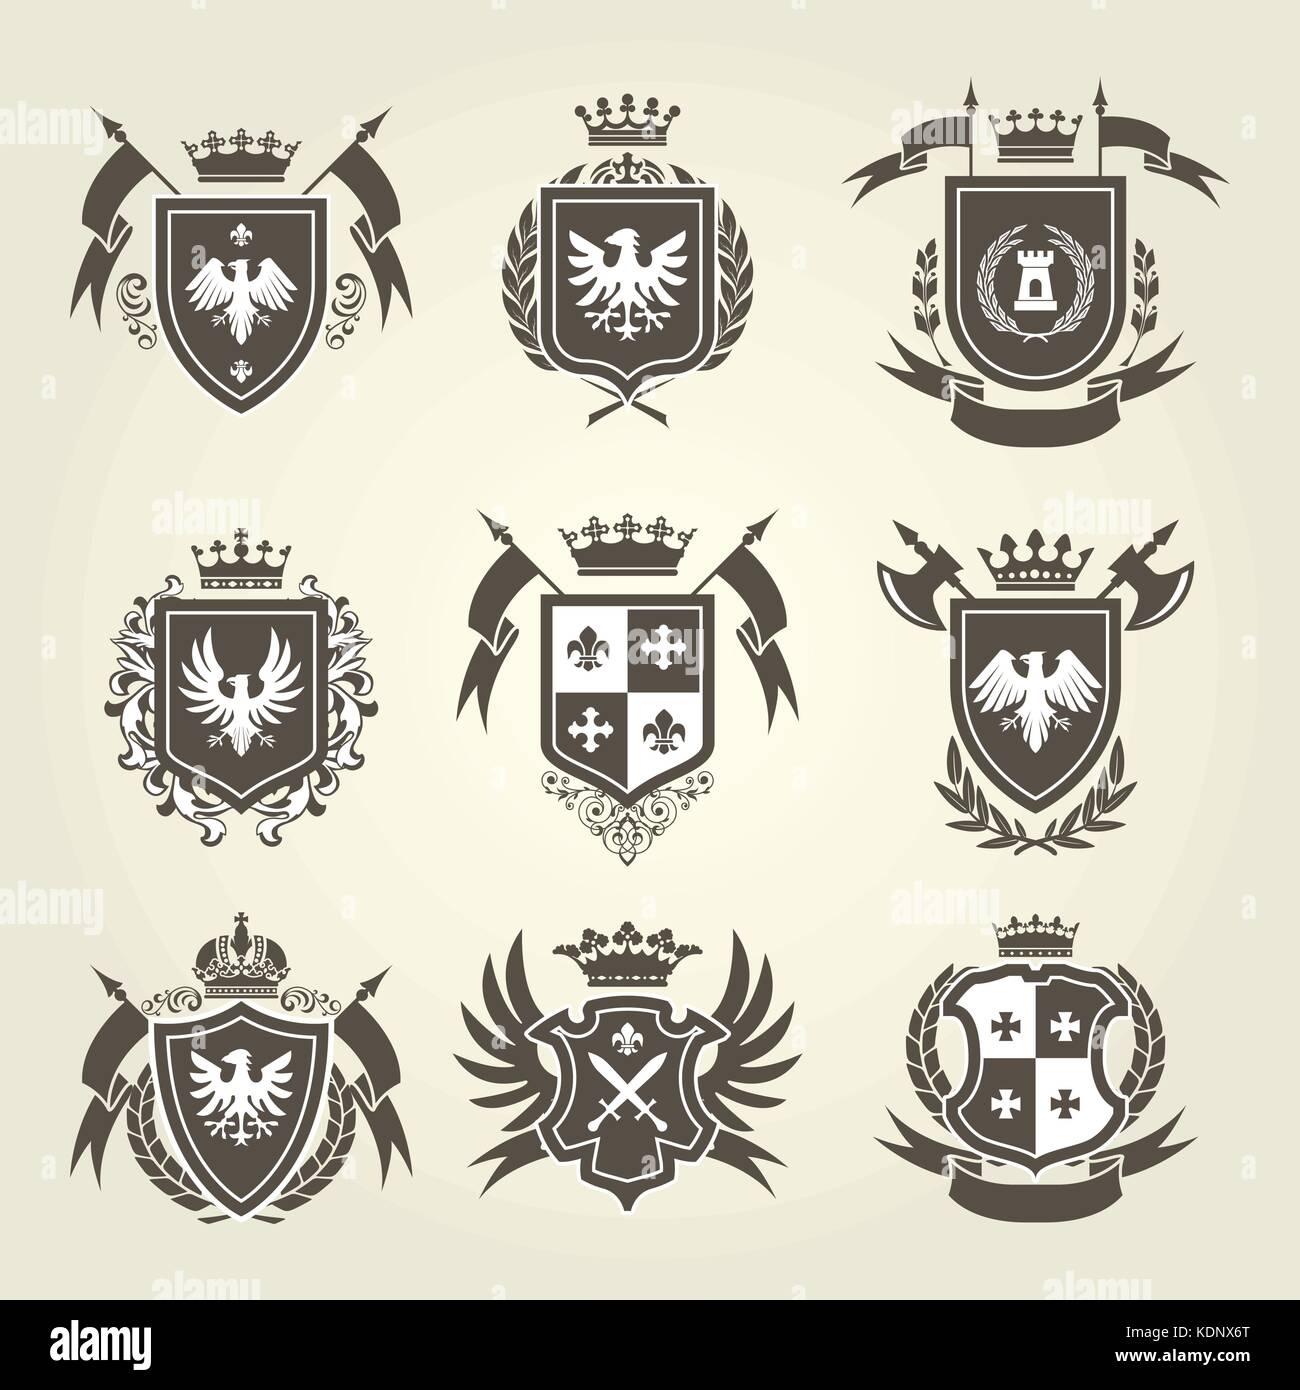 Knights Templar  Wikipedia